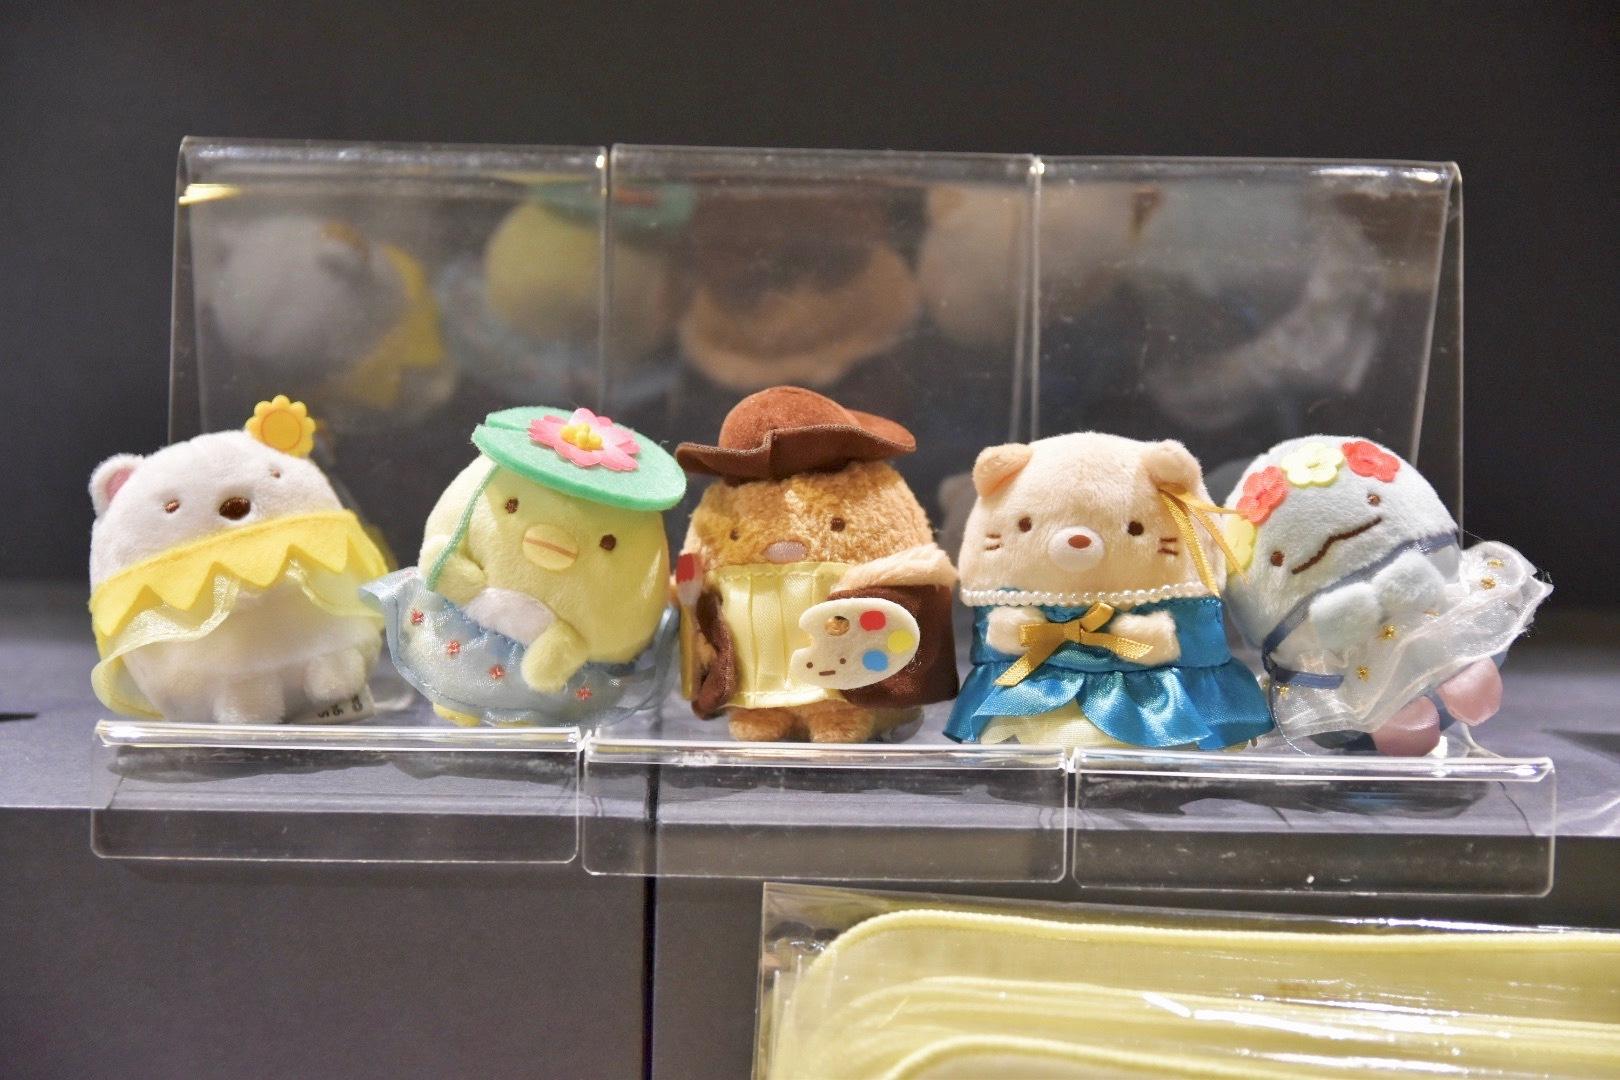 本展出品の作品をモチーフにした衣装を着た、すみっコぐらしのキャラクターのてのりぬいぐるみ(税込990円) (C)2020 San-X Co., Ltd. All Rights Reserved.